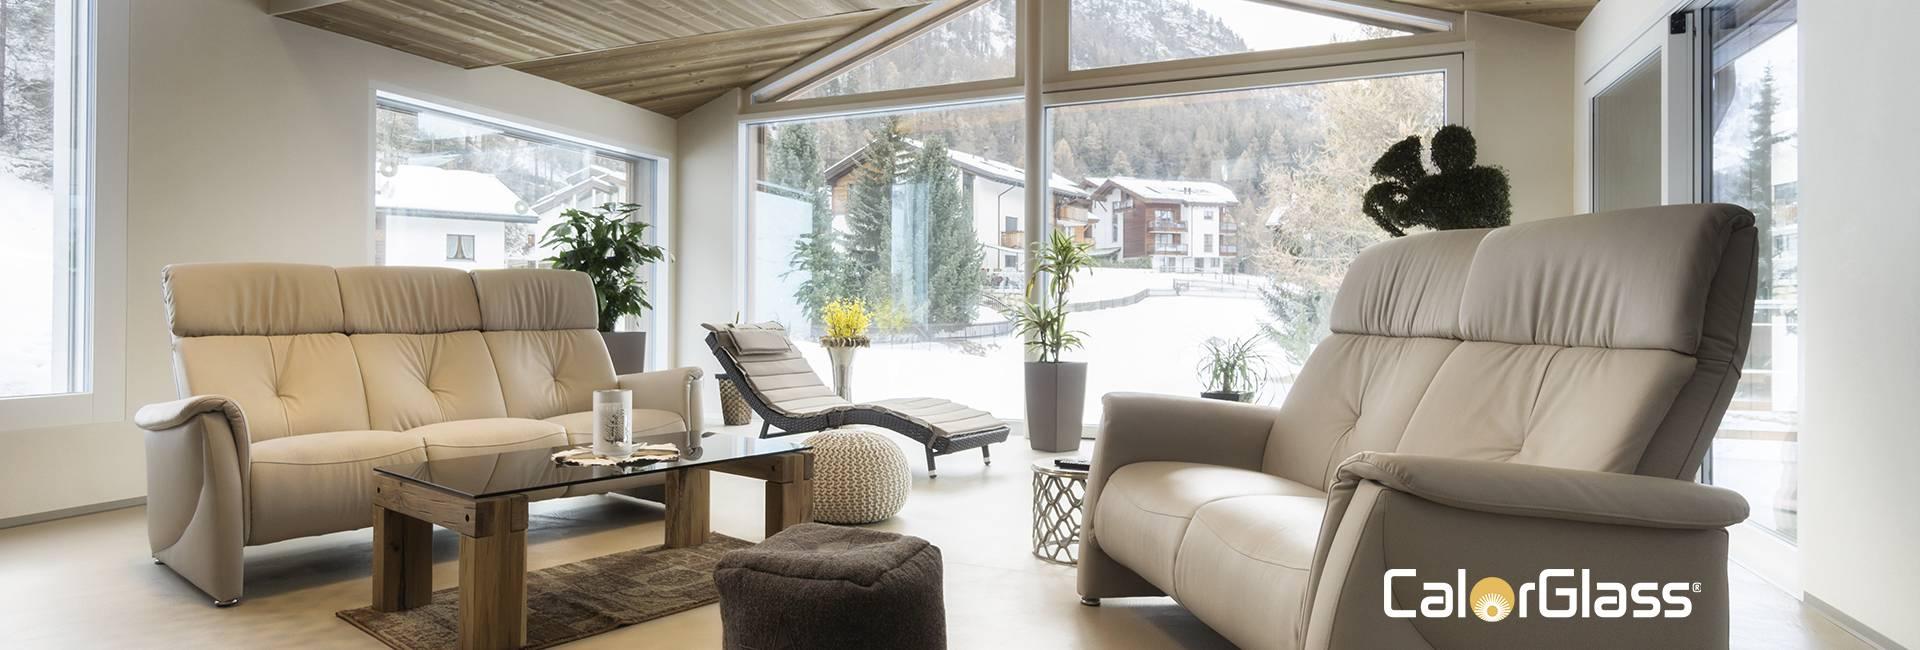 CalorGlass, le vitrage chauffant intelligent pour le confort absolu